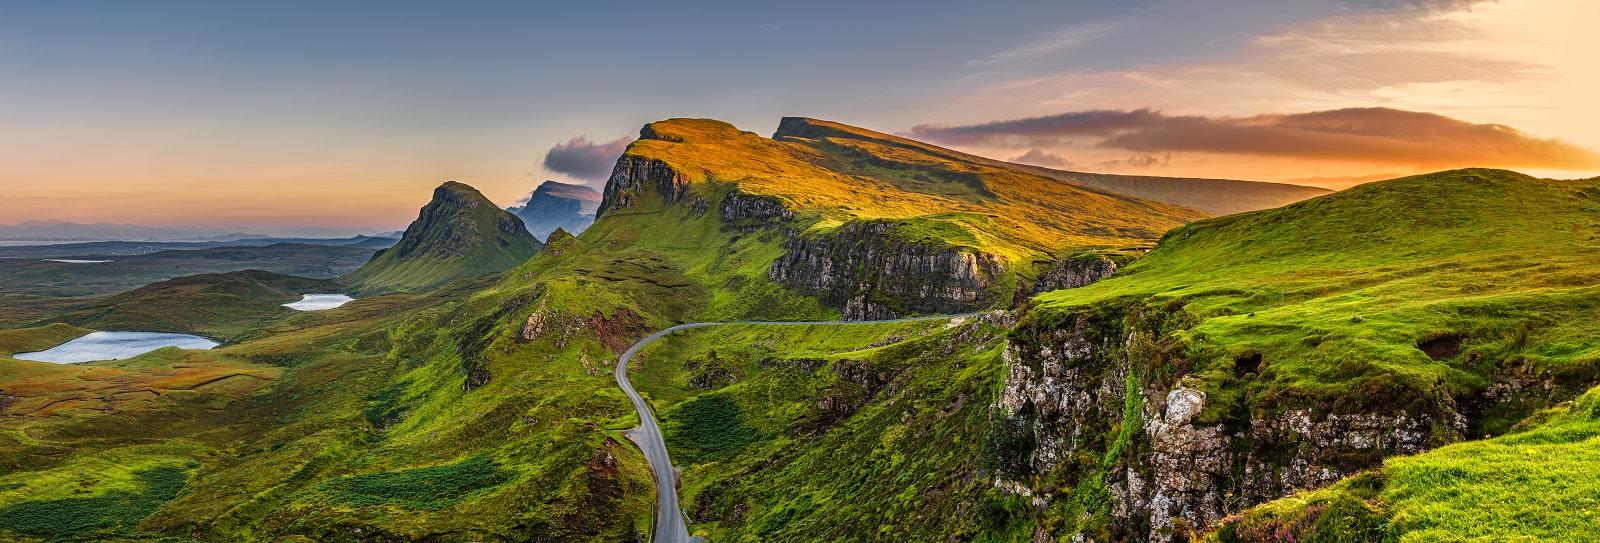 Panorama of Quiraing mountains sunset at Isle of Skye, Scottish highlands, United Kingdom